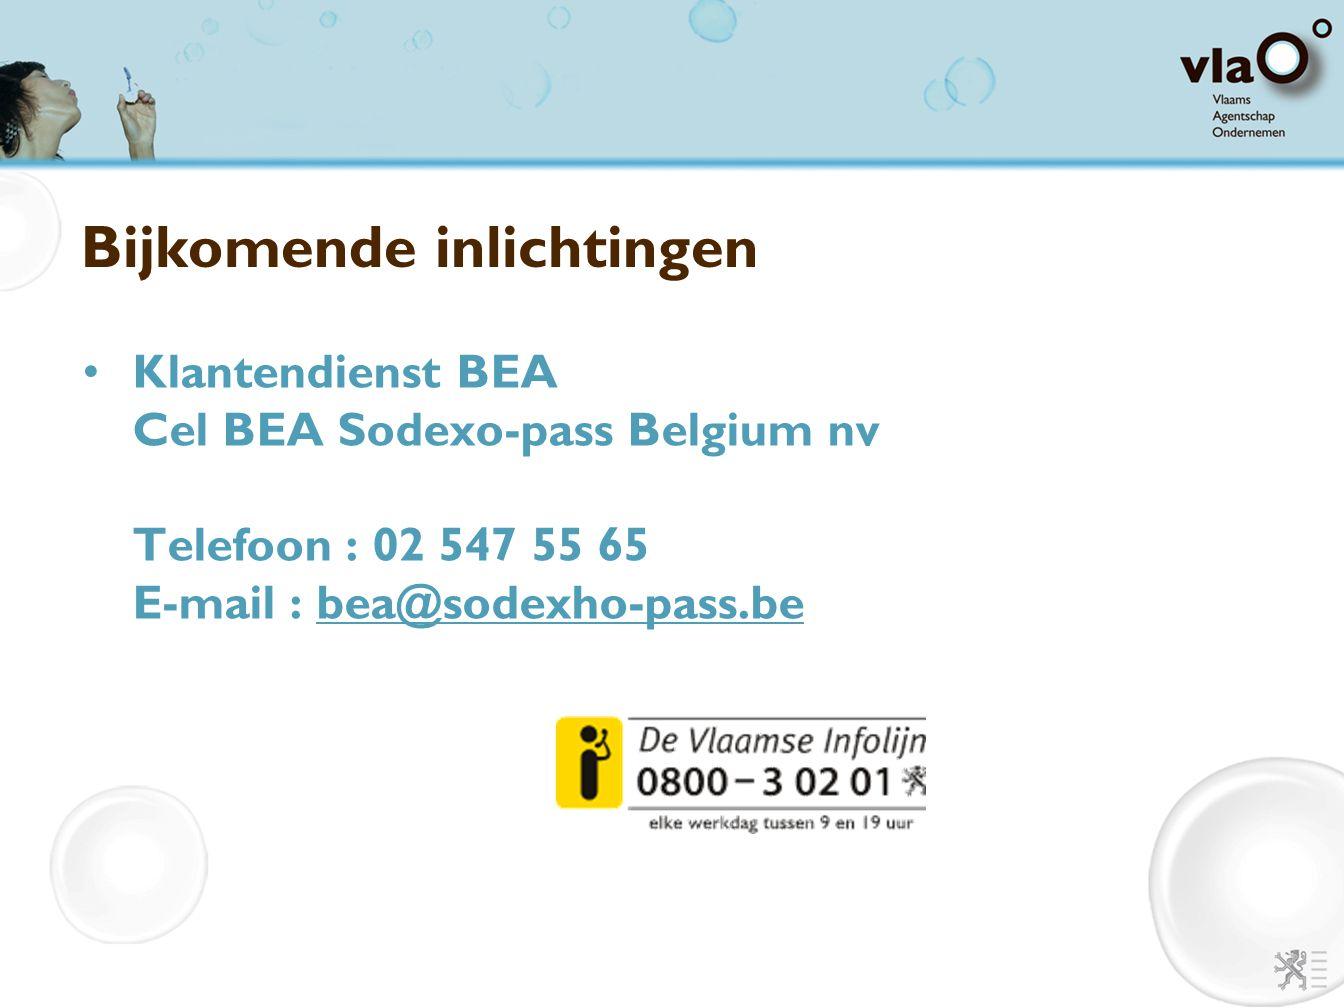 Bijkomende inlichtingen Klantendienst BEA Cel BEA Sodexo-pass Belgium nv Telefoon : 02 547 55 65 E-mail : bea@sodexho-pass.bebea@sodexho-pass.be